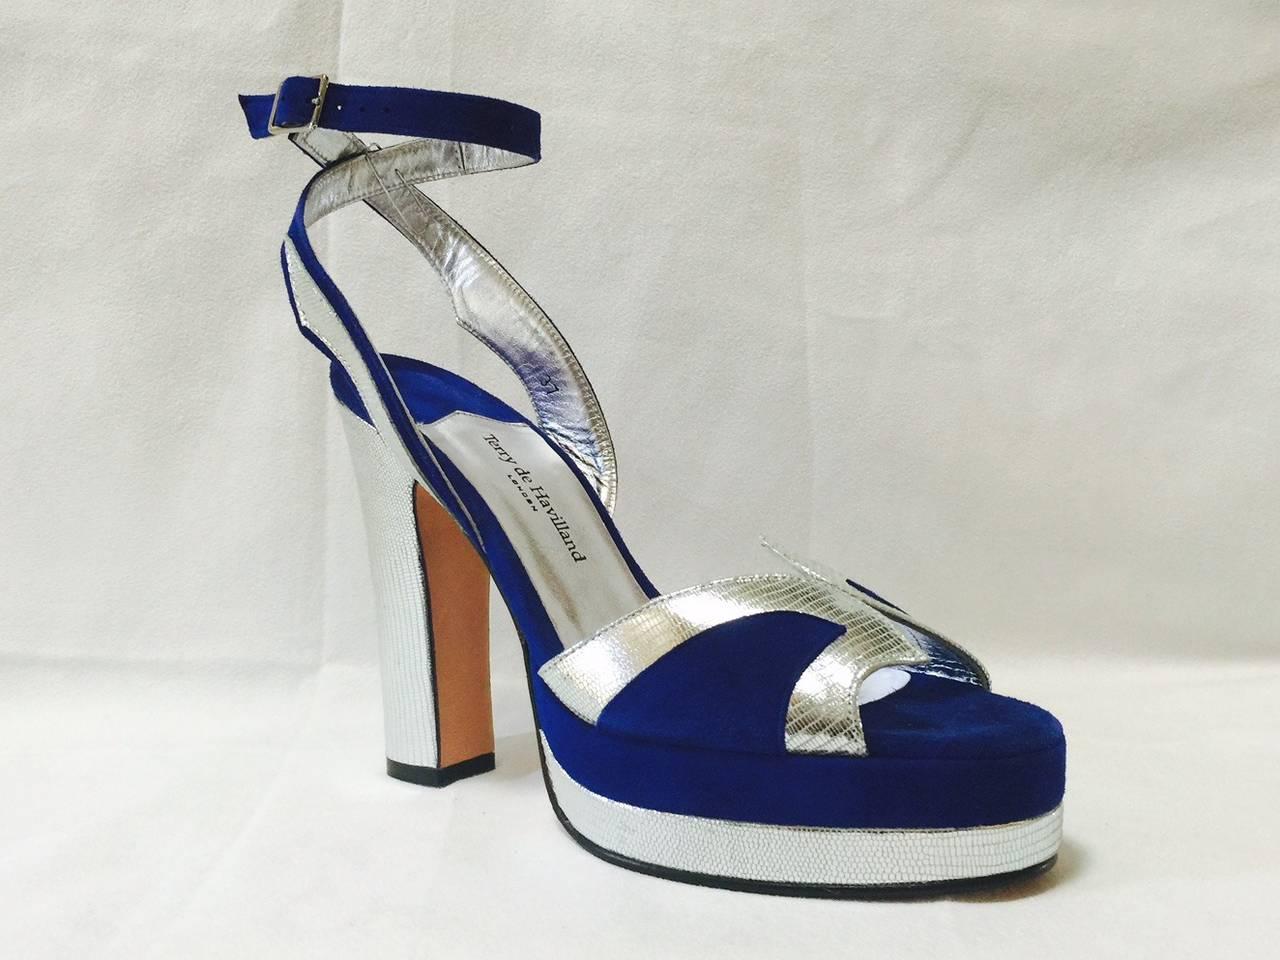 New Terry de Havilland Blue Suede Platform Stacked High Heel Sandals 2